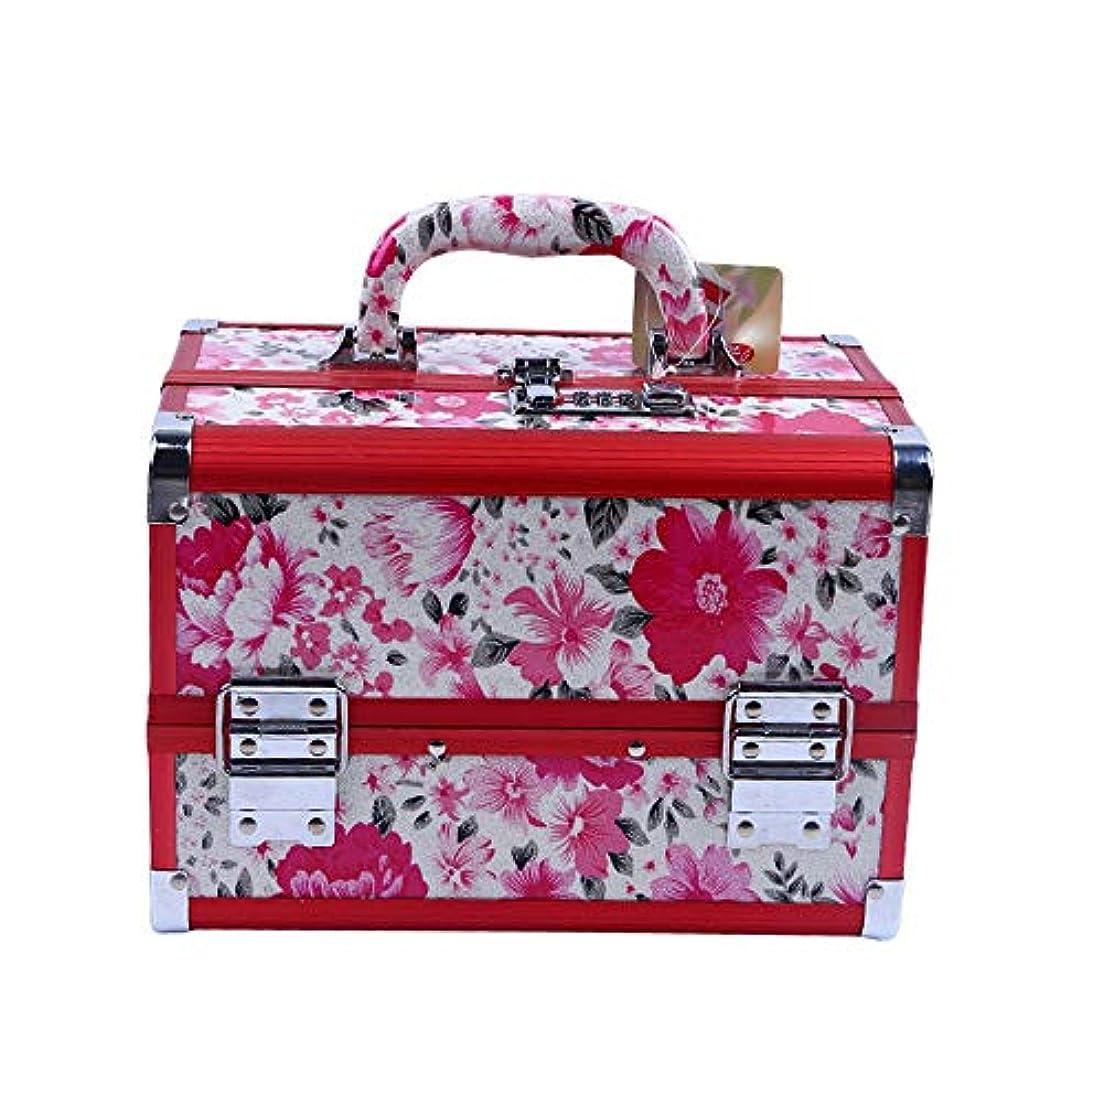 外観メガロポリス火炎化粧オーガナイザーバッグ 花のパターンポータブル化粧品ケース美容メイクアップと女の子の女性の旅行と毎日のストレージロック付きトレイ付き 化粧品ケース